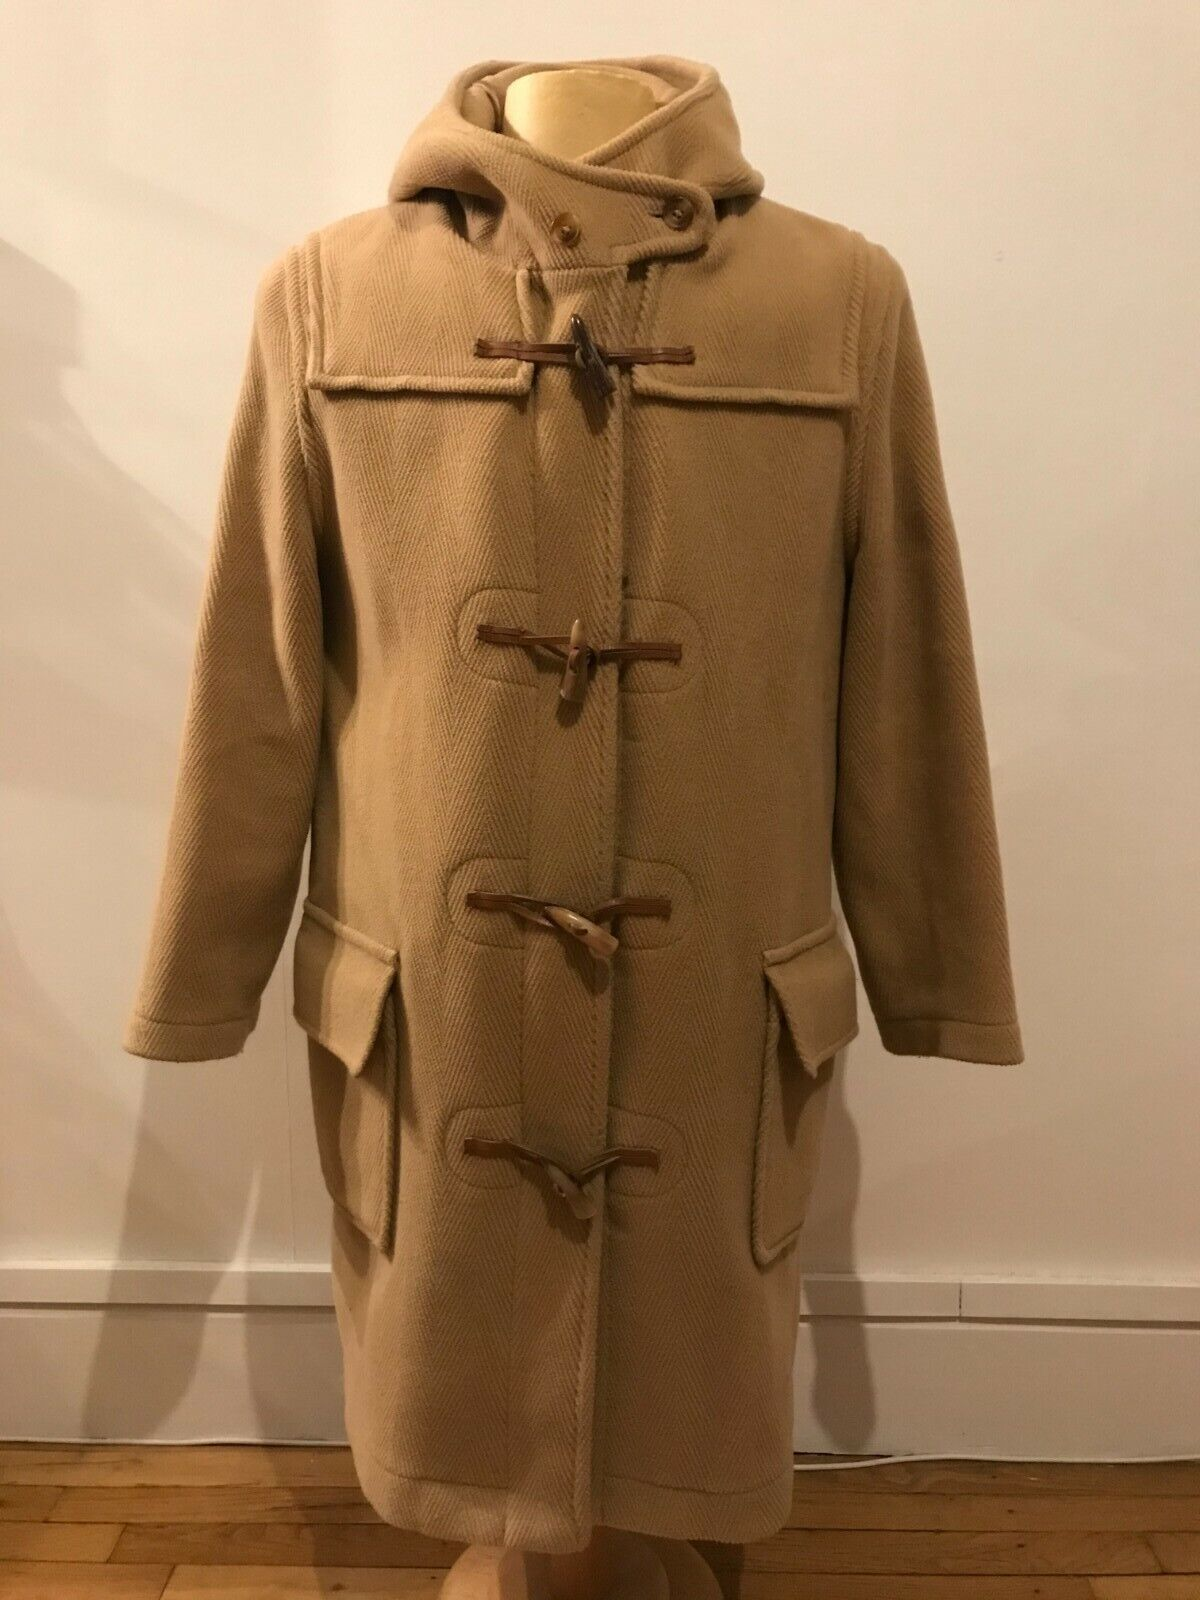 Duffle coat cyrillus,( look burberry),t:m/l,,wool,beige,size: it:40,fr:36,gb:8,